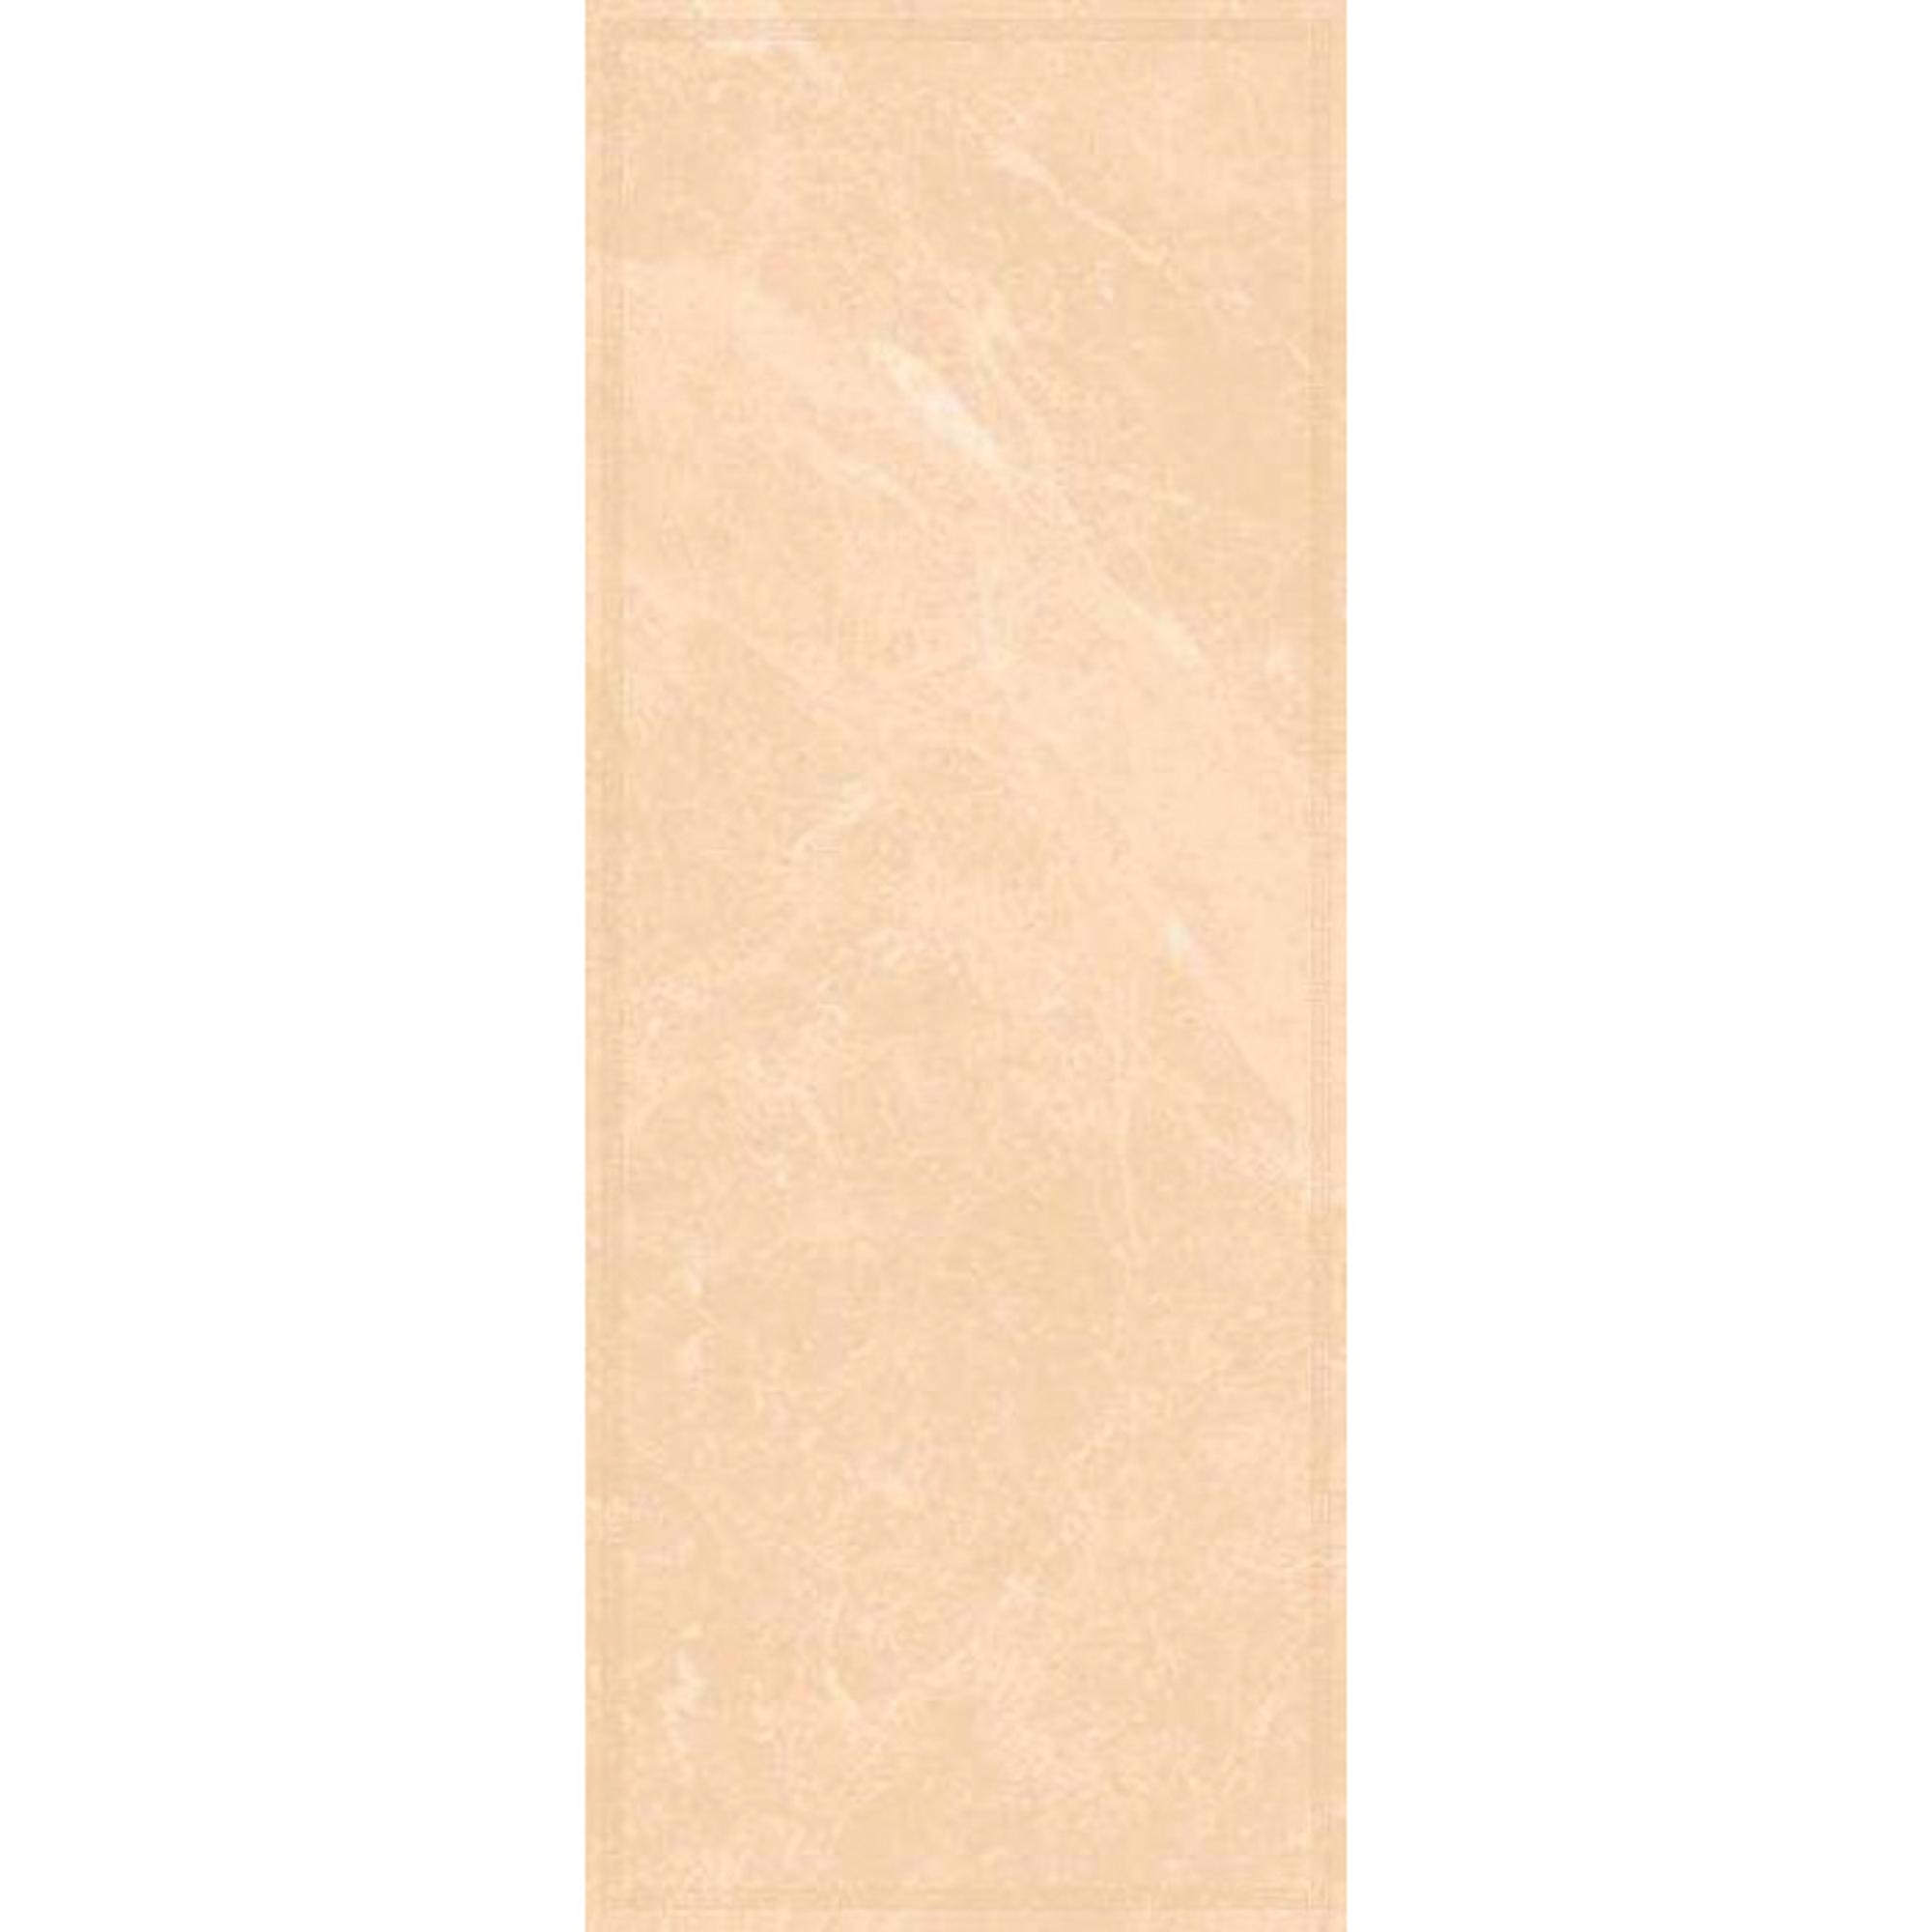 Плитка Kerlife Eterna Beige 20,1x50,5 см плитка kerlife eterna beige 20 1x50 5 см